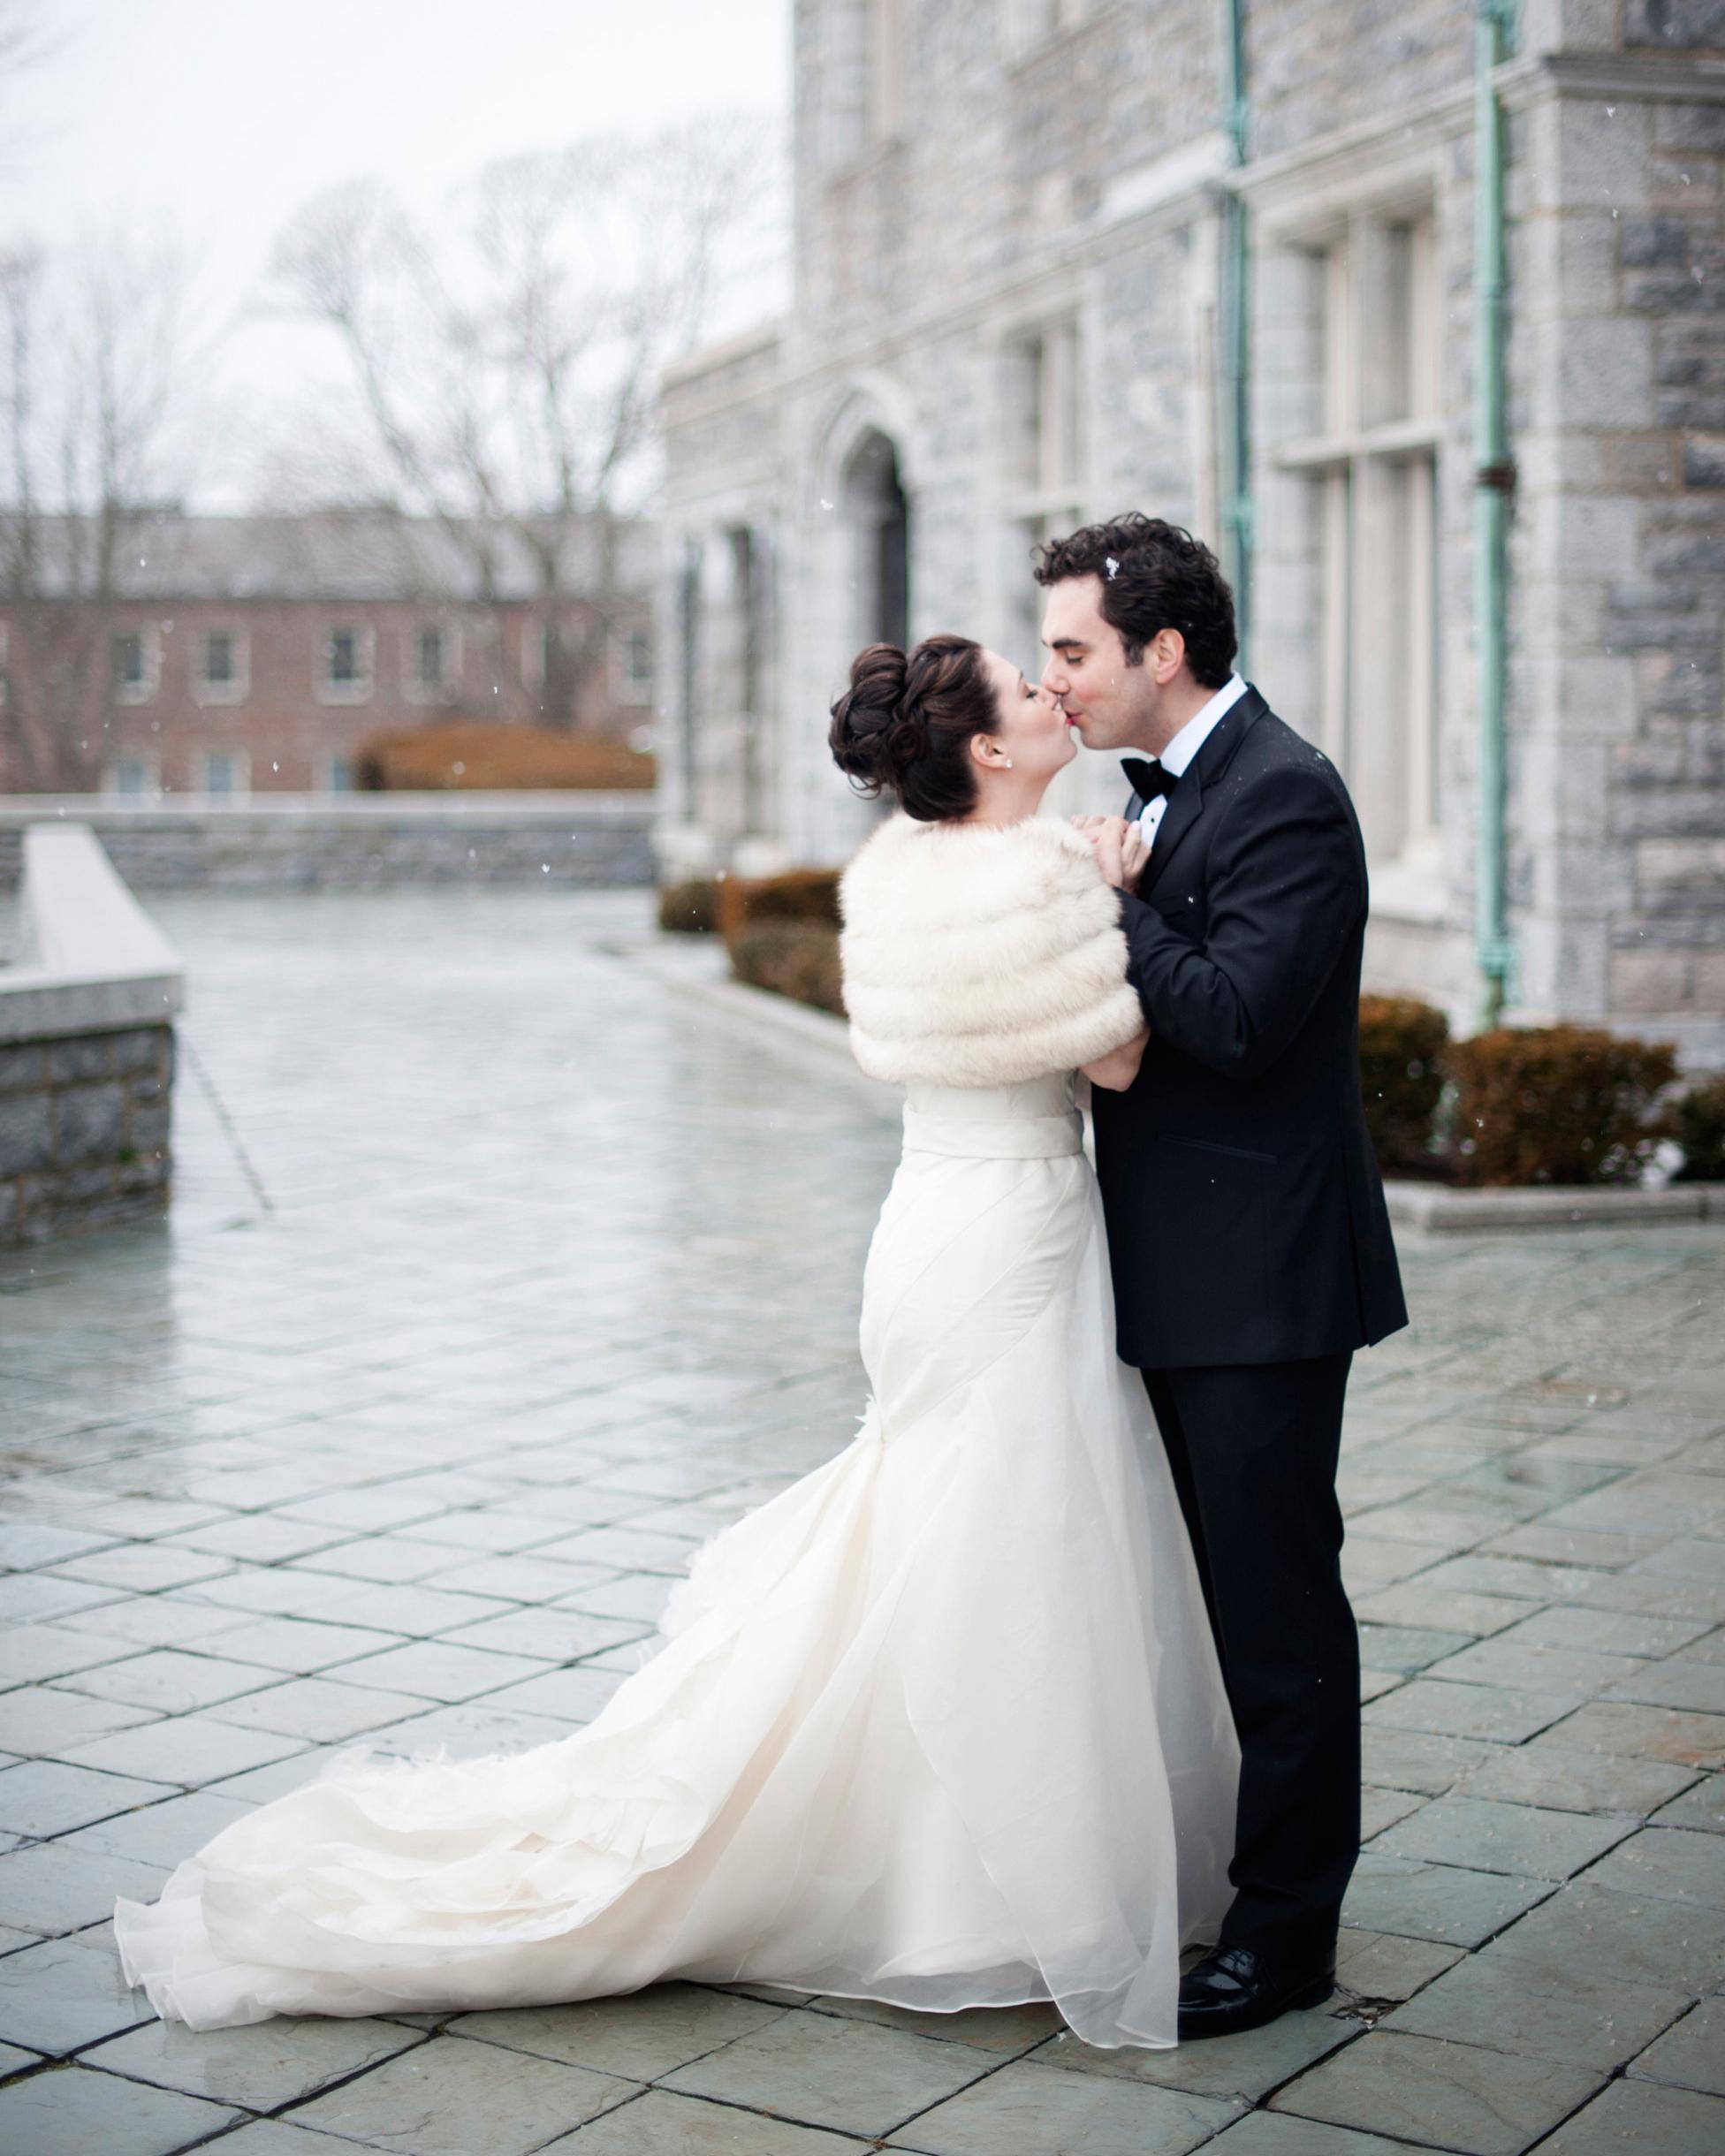 emily-tolga-wedding-portrait4-0314.jpg